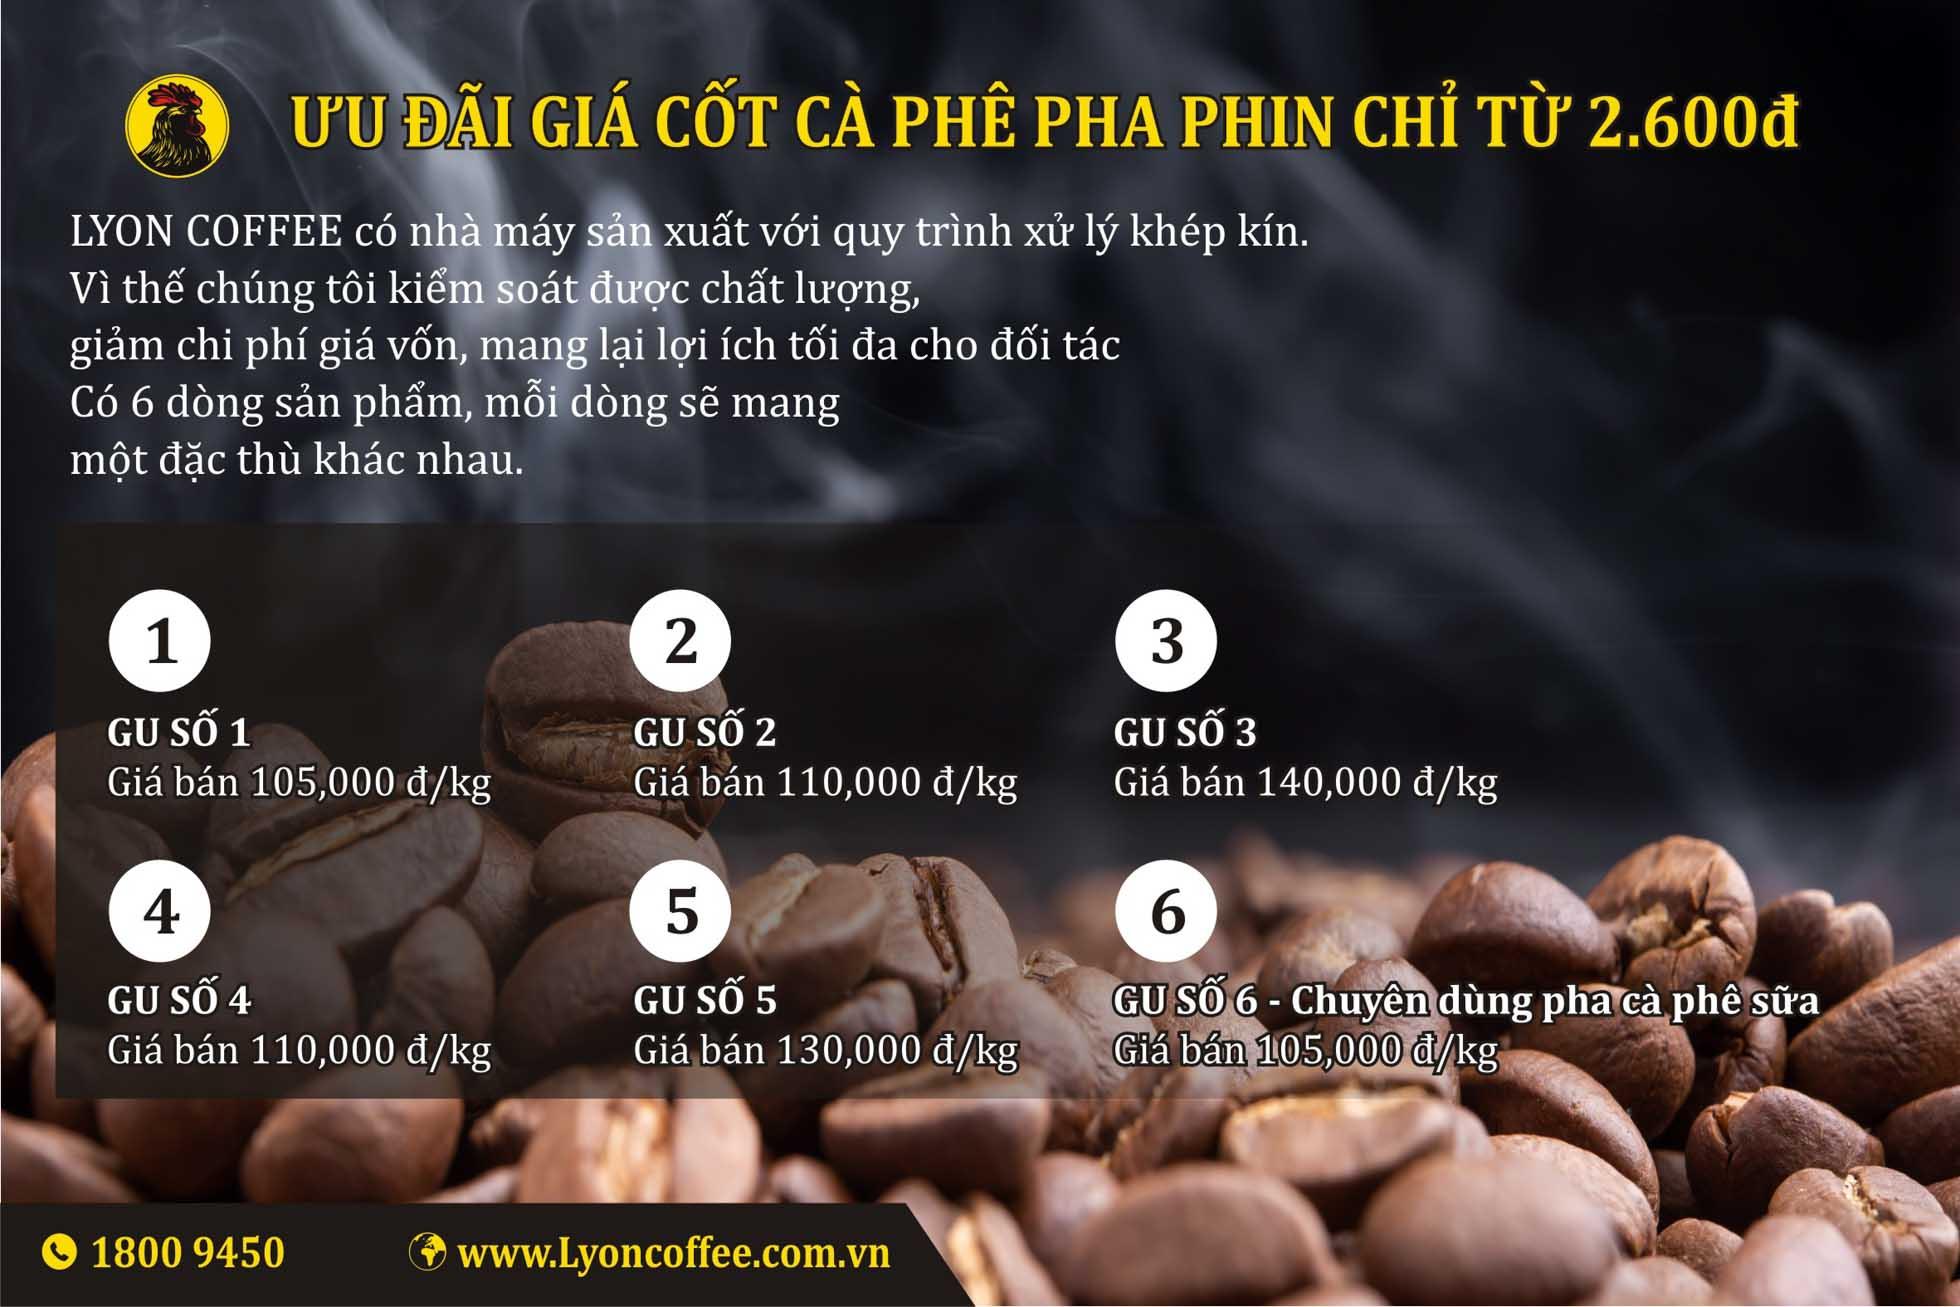 Bảng giá cà phê pha phin rang xay